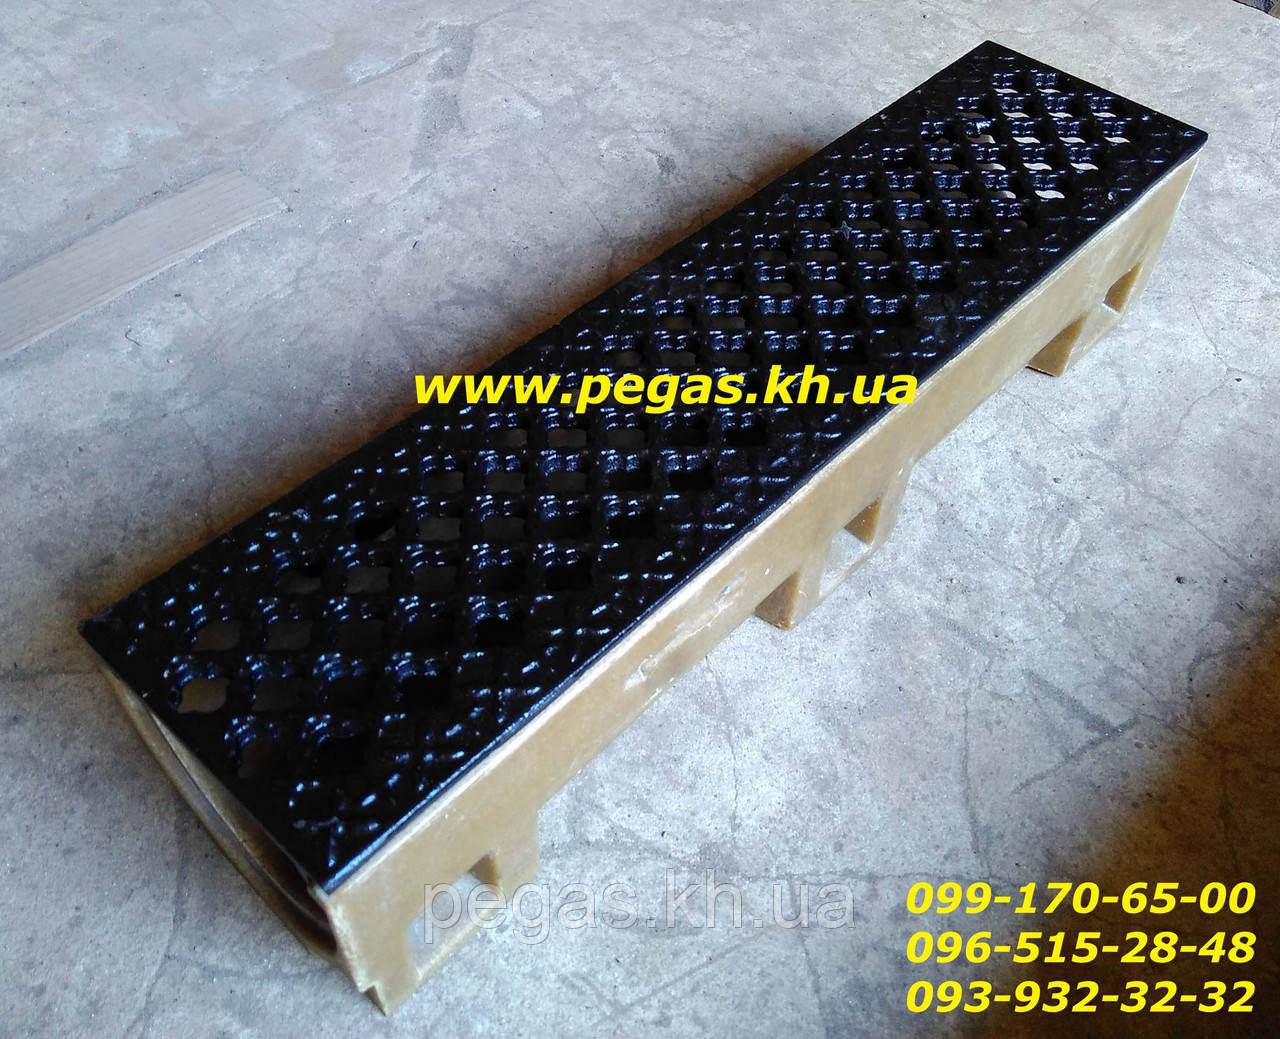 Лівневка чавунна водовідведення, водостік полімербетон 500х120х100 мм. (декор)